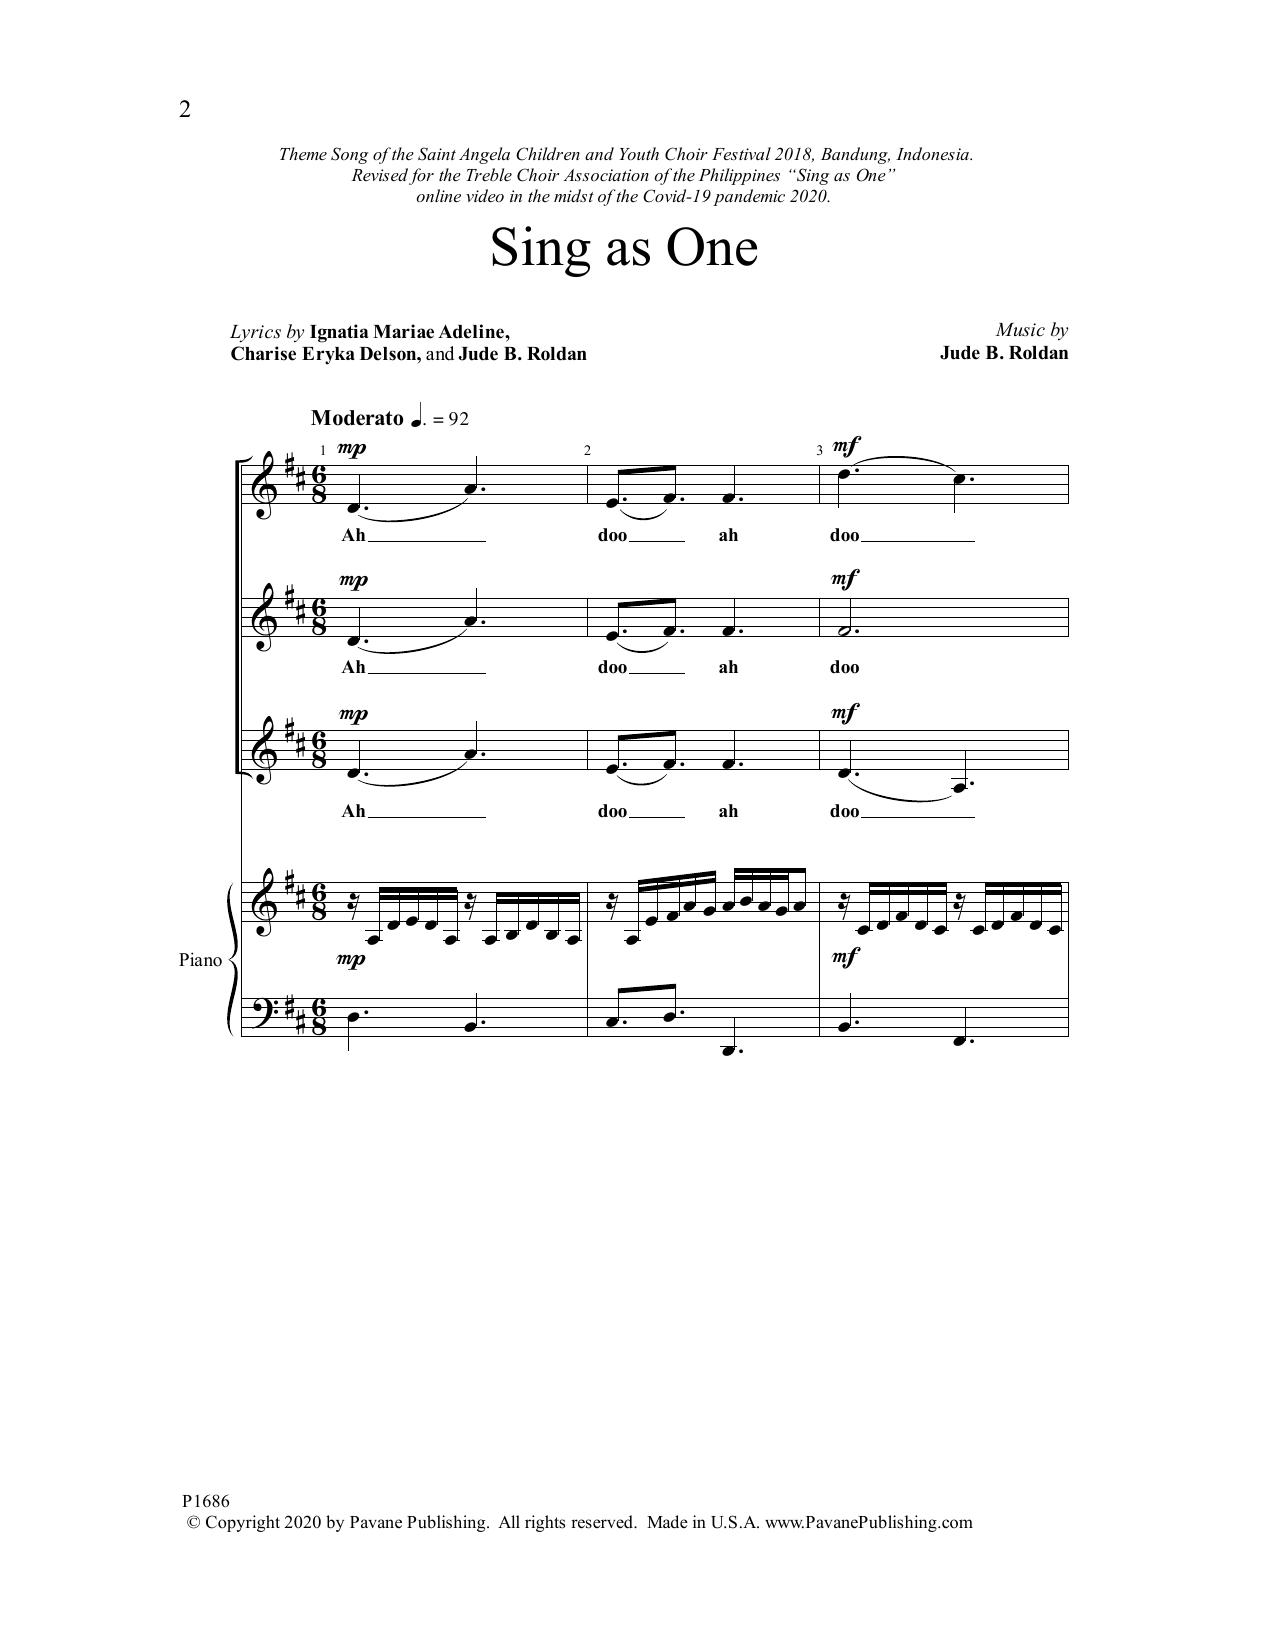 Sing as One Sheet Music